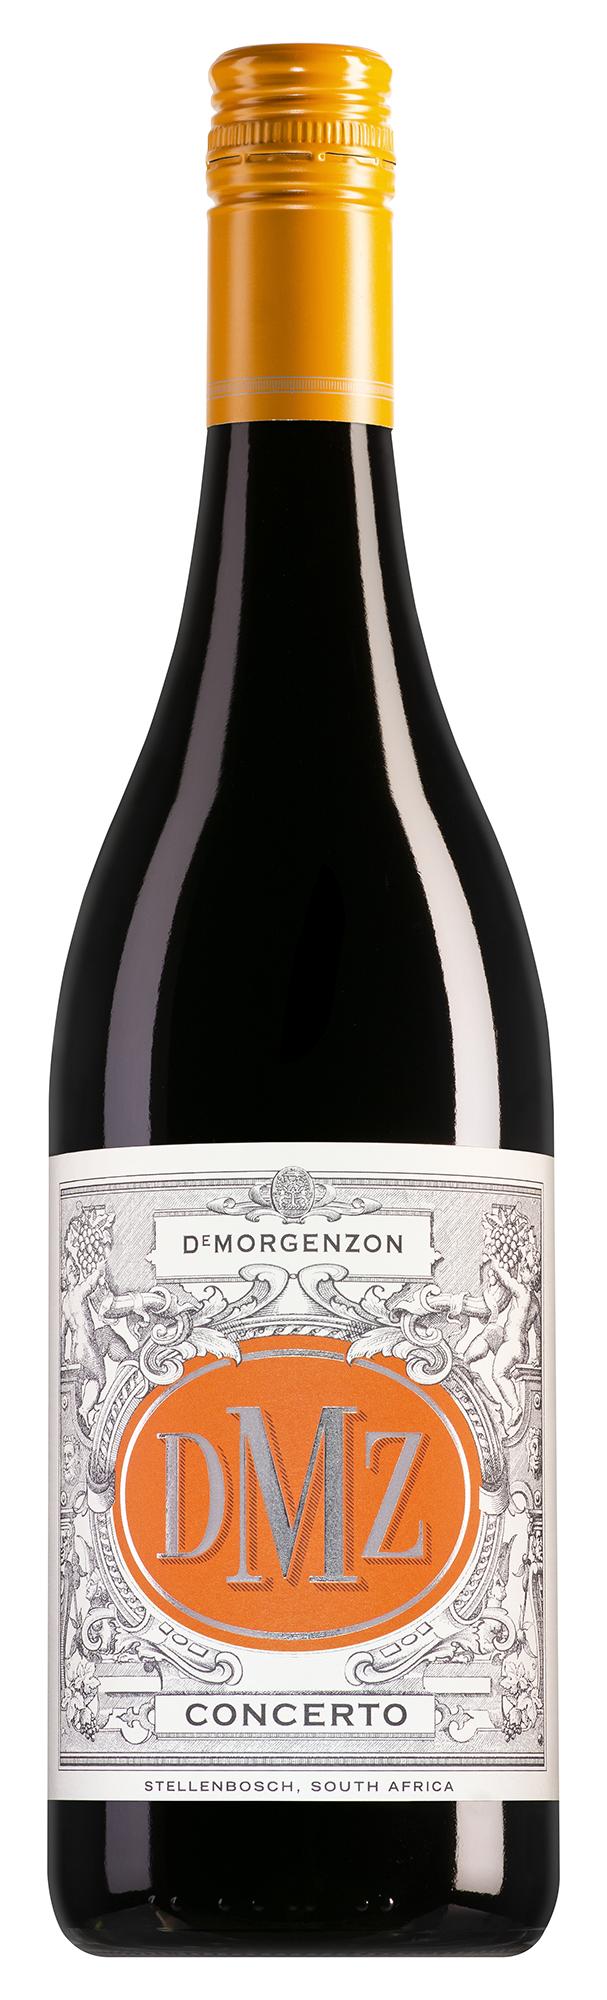 DeMorgenzon Stellenbosch DMZ Concerto Limited Release